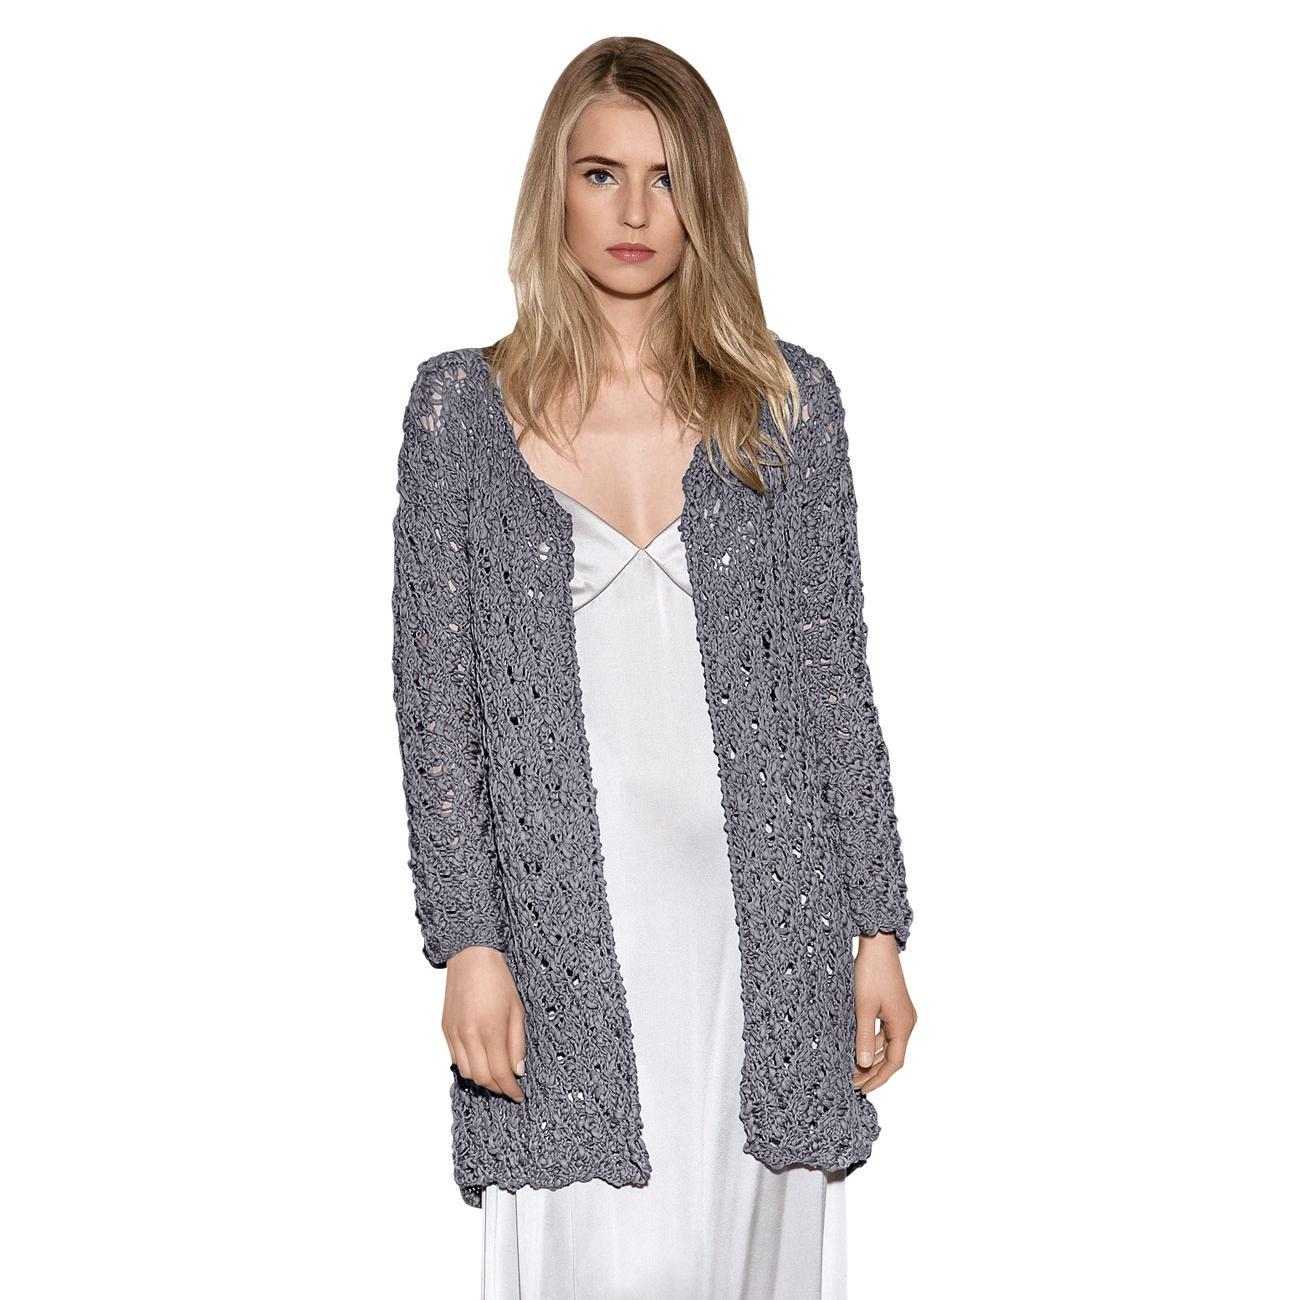 Anleitung 1158 Damen Jacke Aus Cotton Style Von Lana Grossa 1